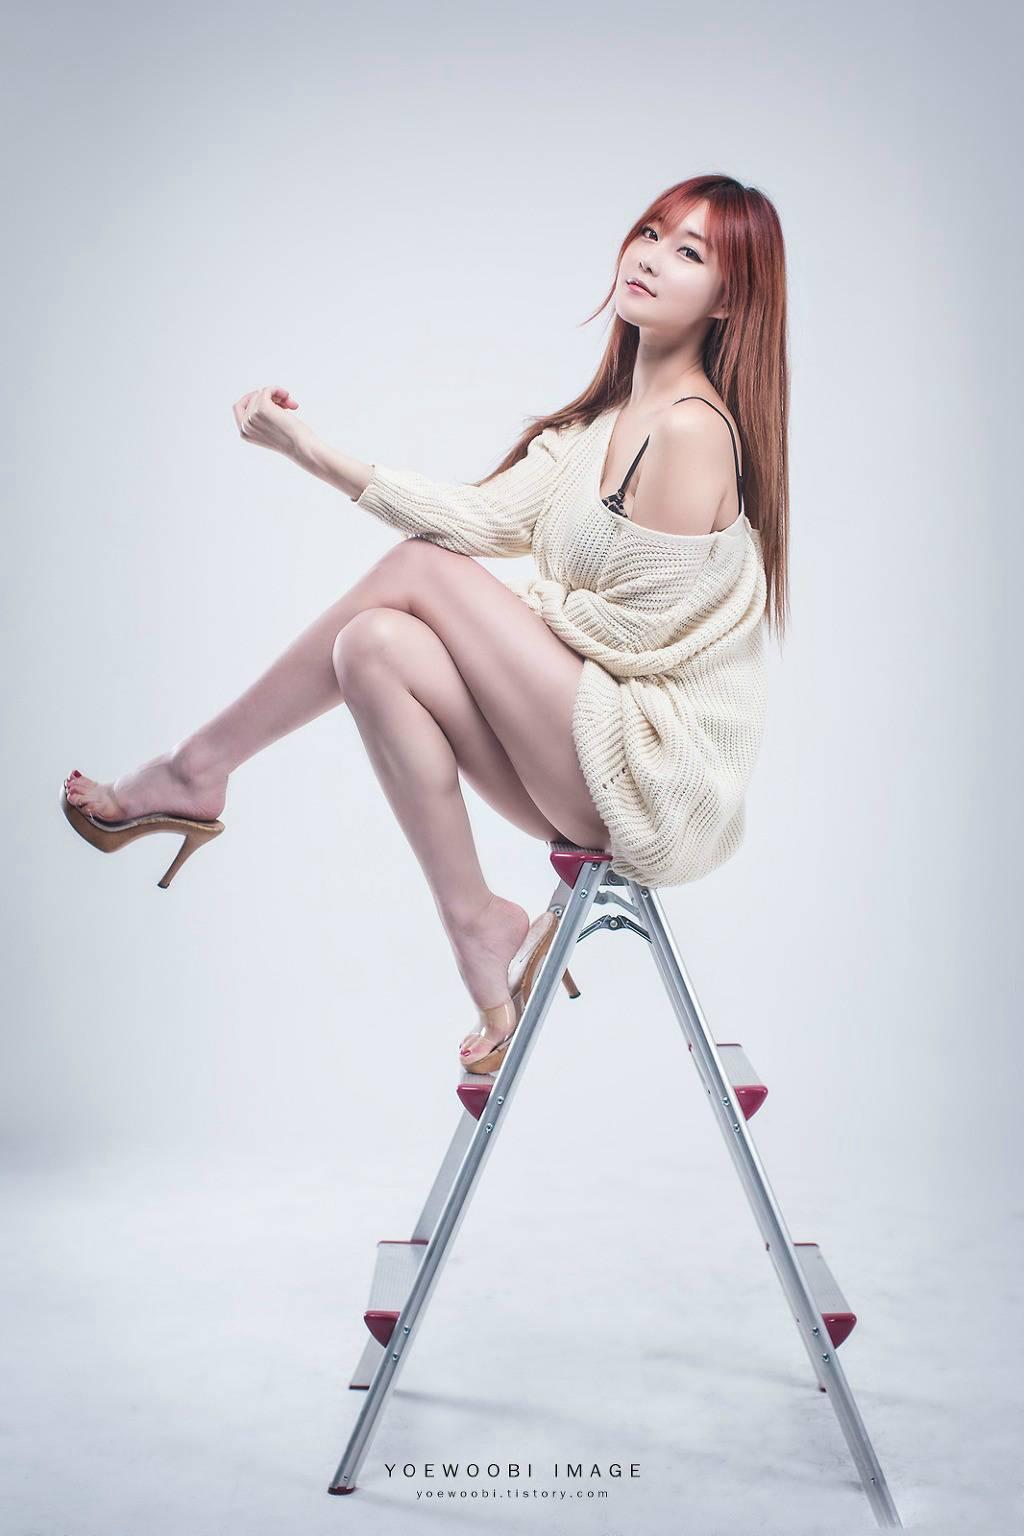 高颜值韩国美女模特